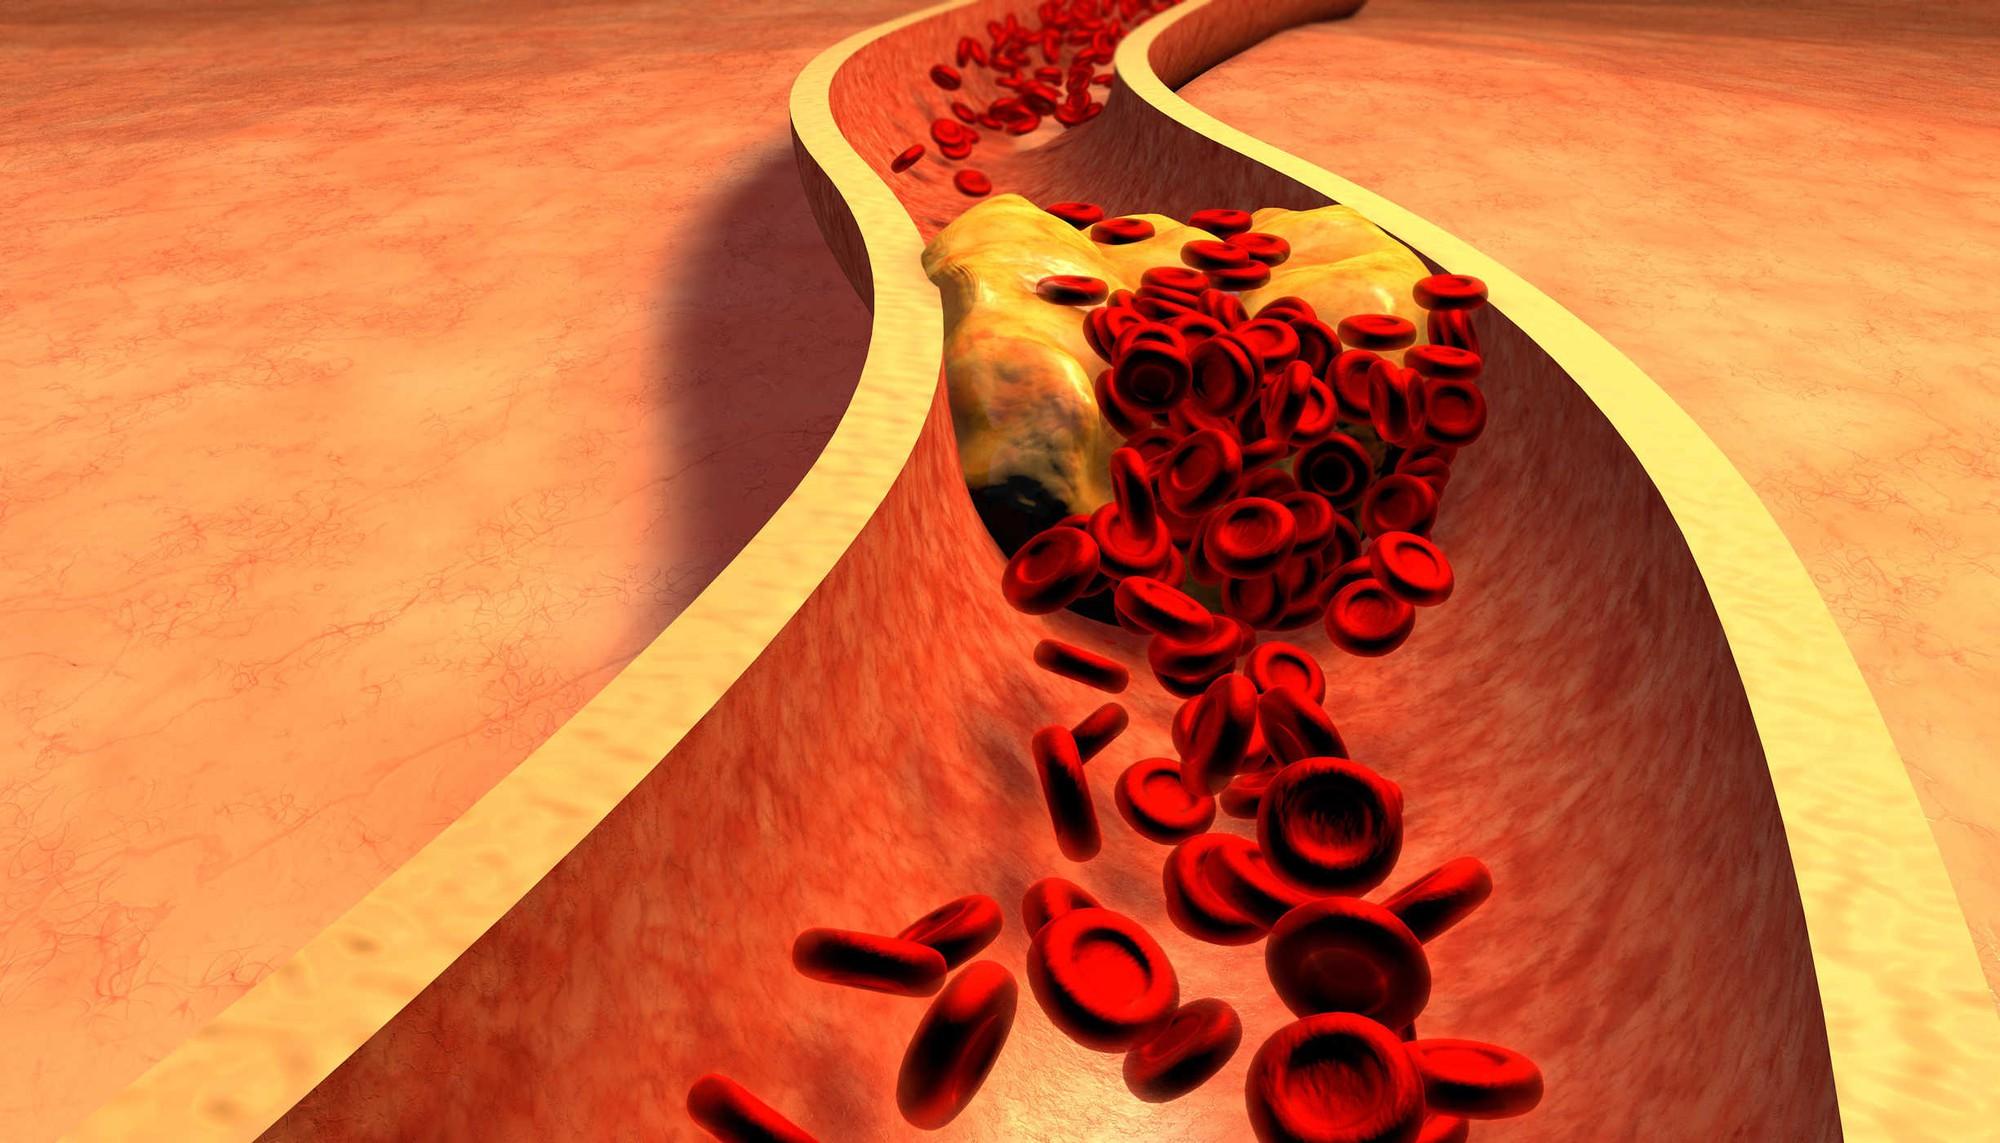 Gan của bạn có thể đang chất chứa đầy mỡ nếu gặp phải các triệu chứng sau - Ảnh 5.